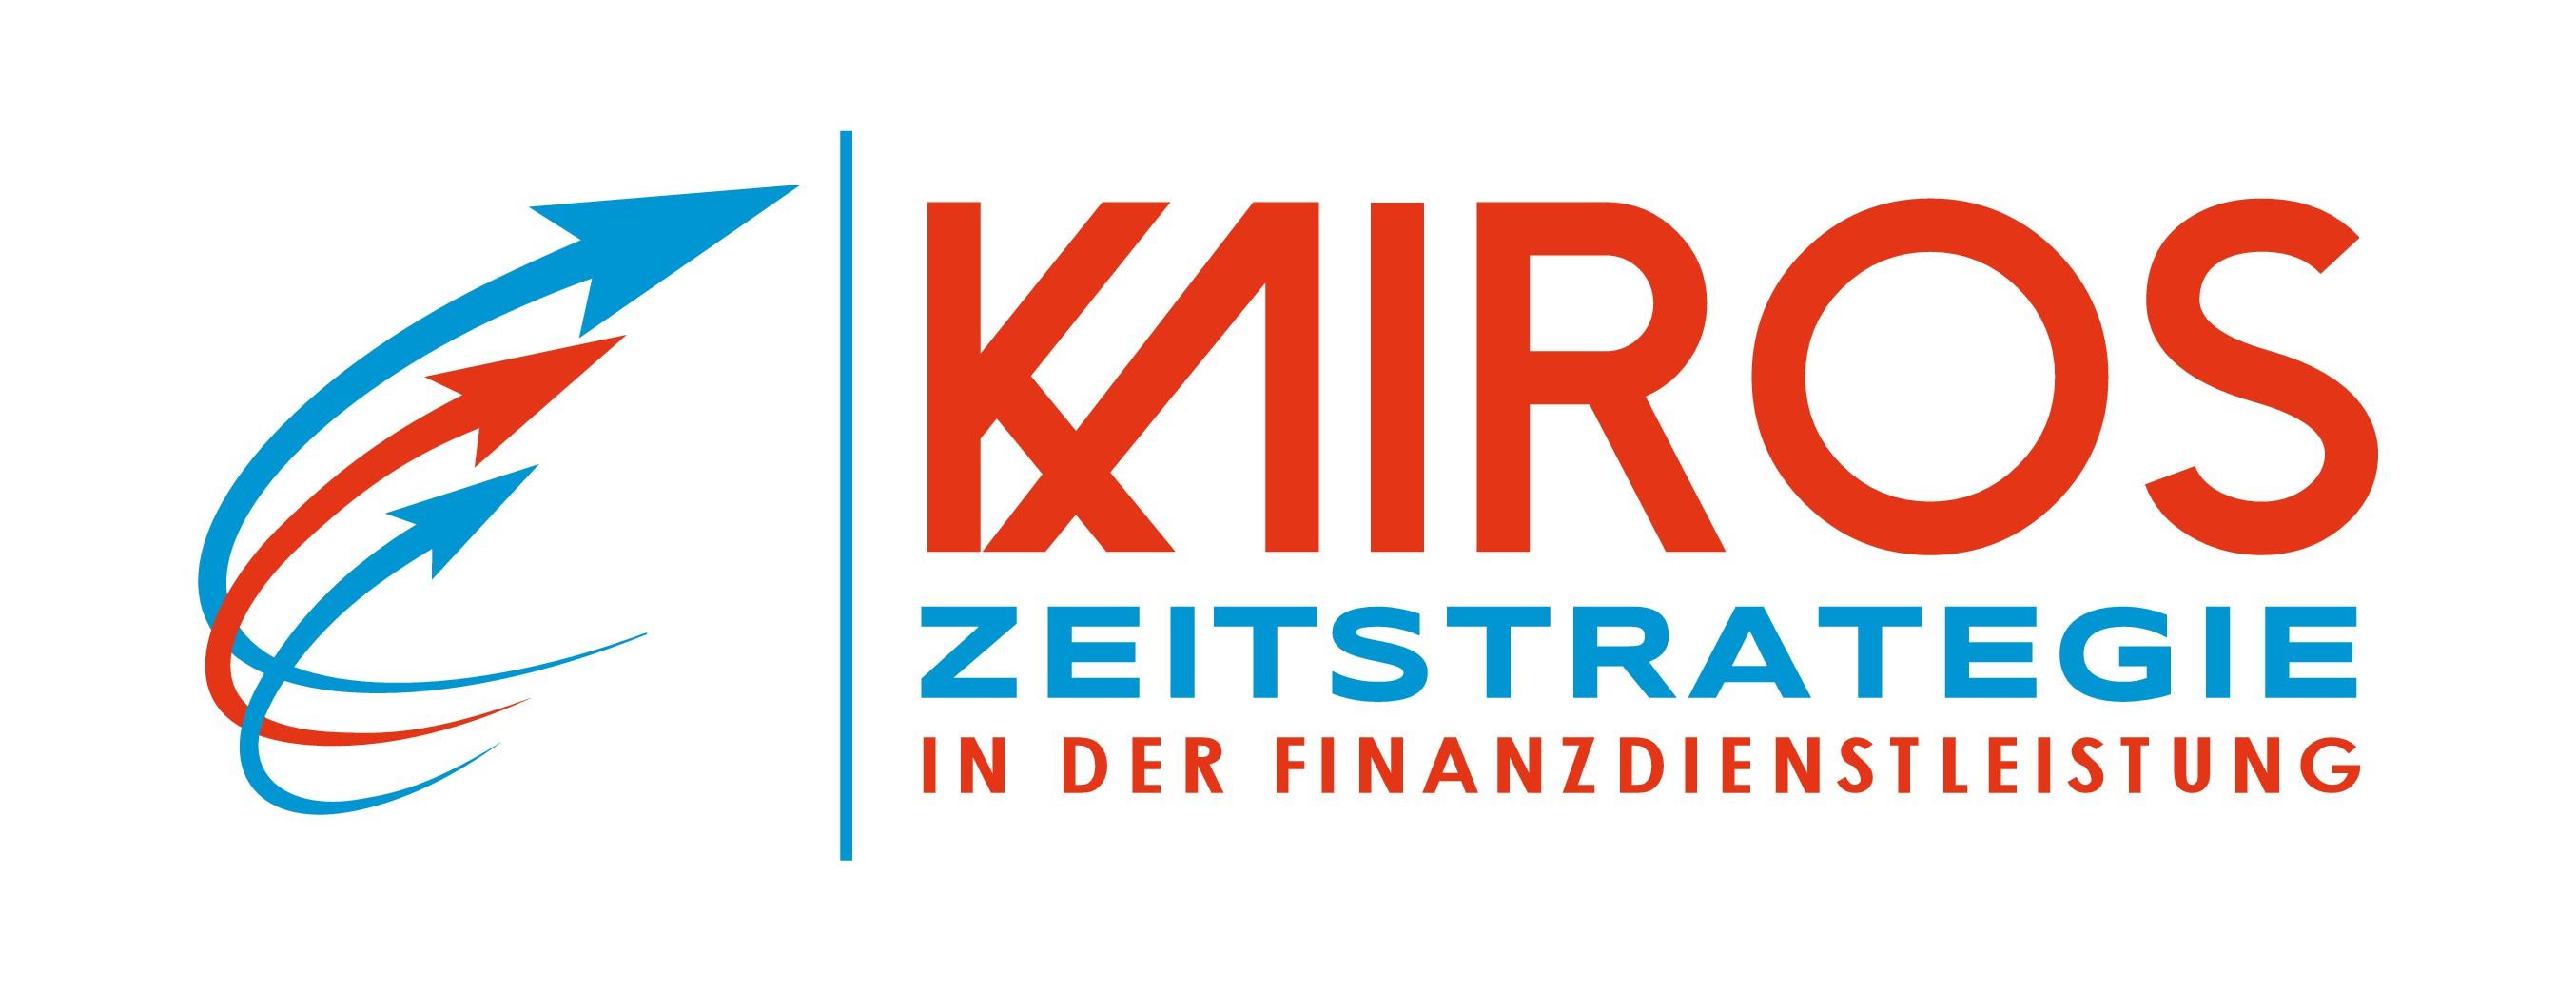 Neuartiges Finanzkonzept braucht ein Logo